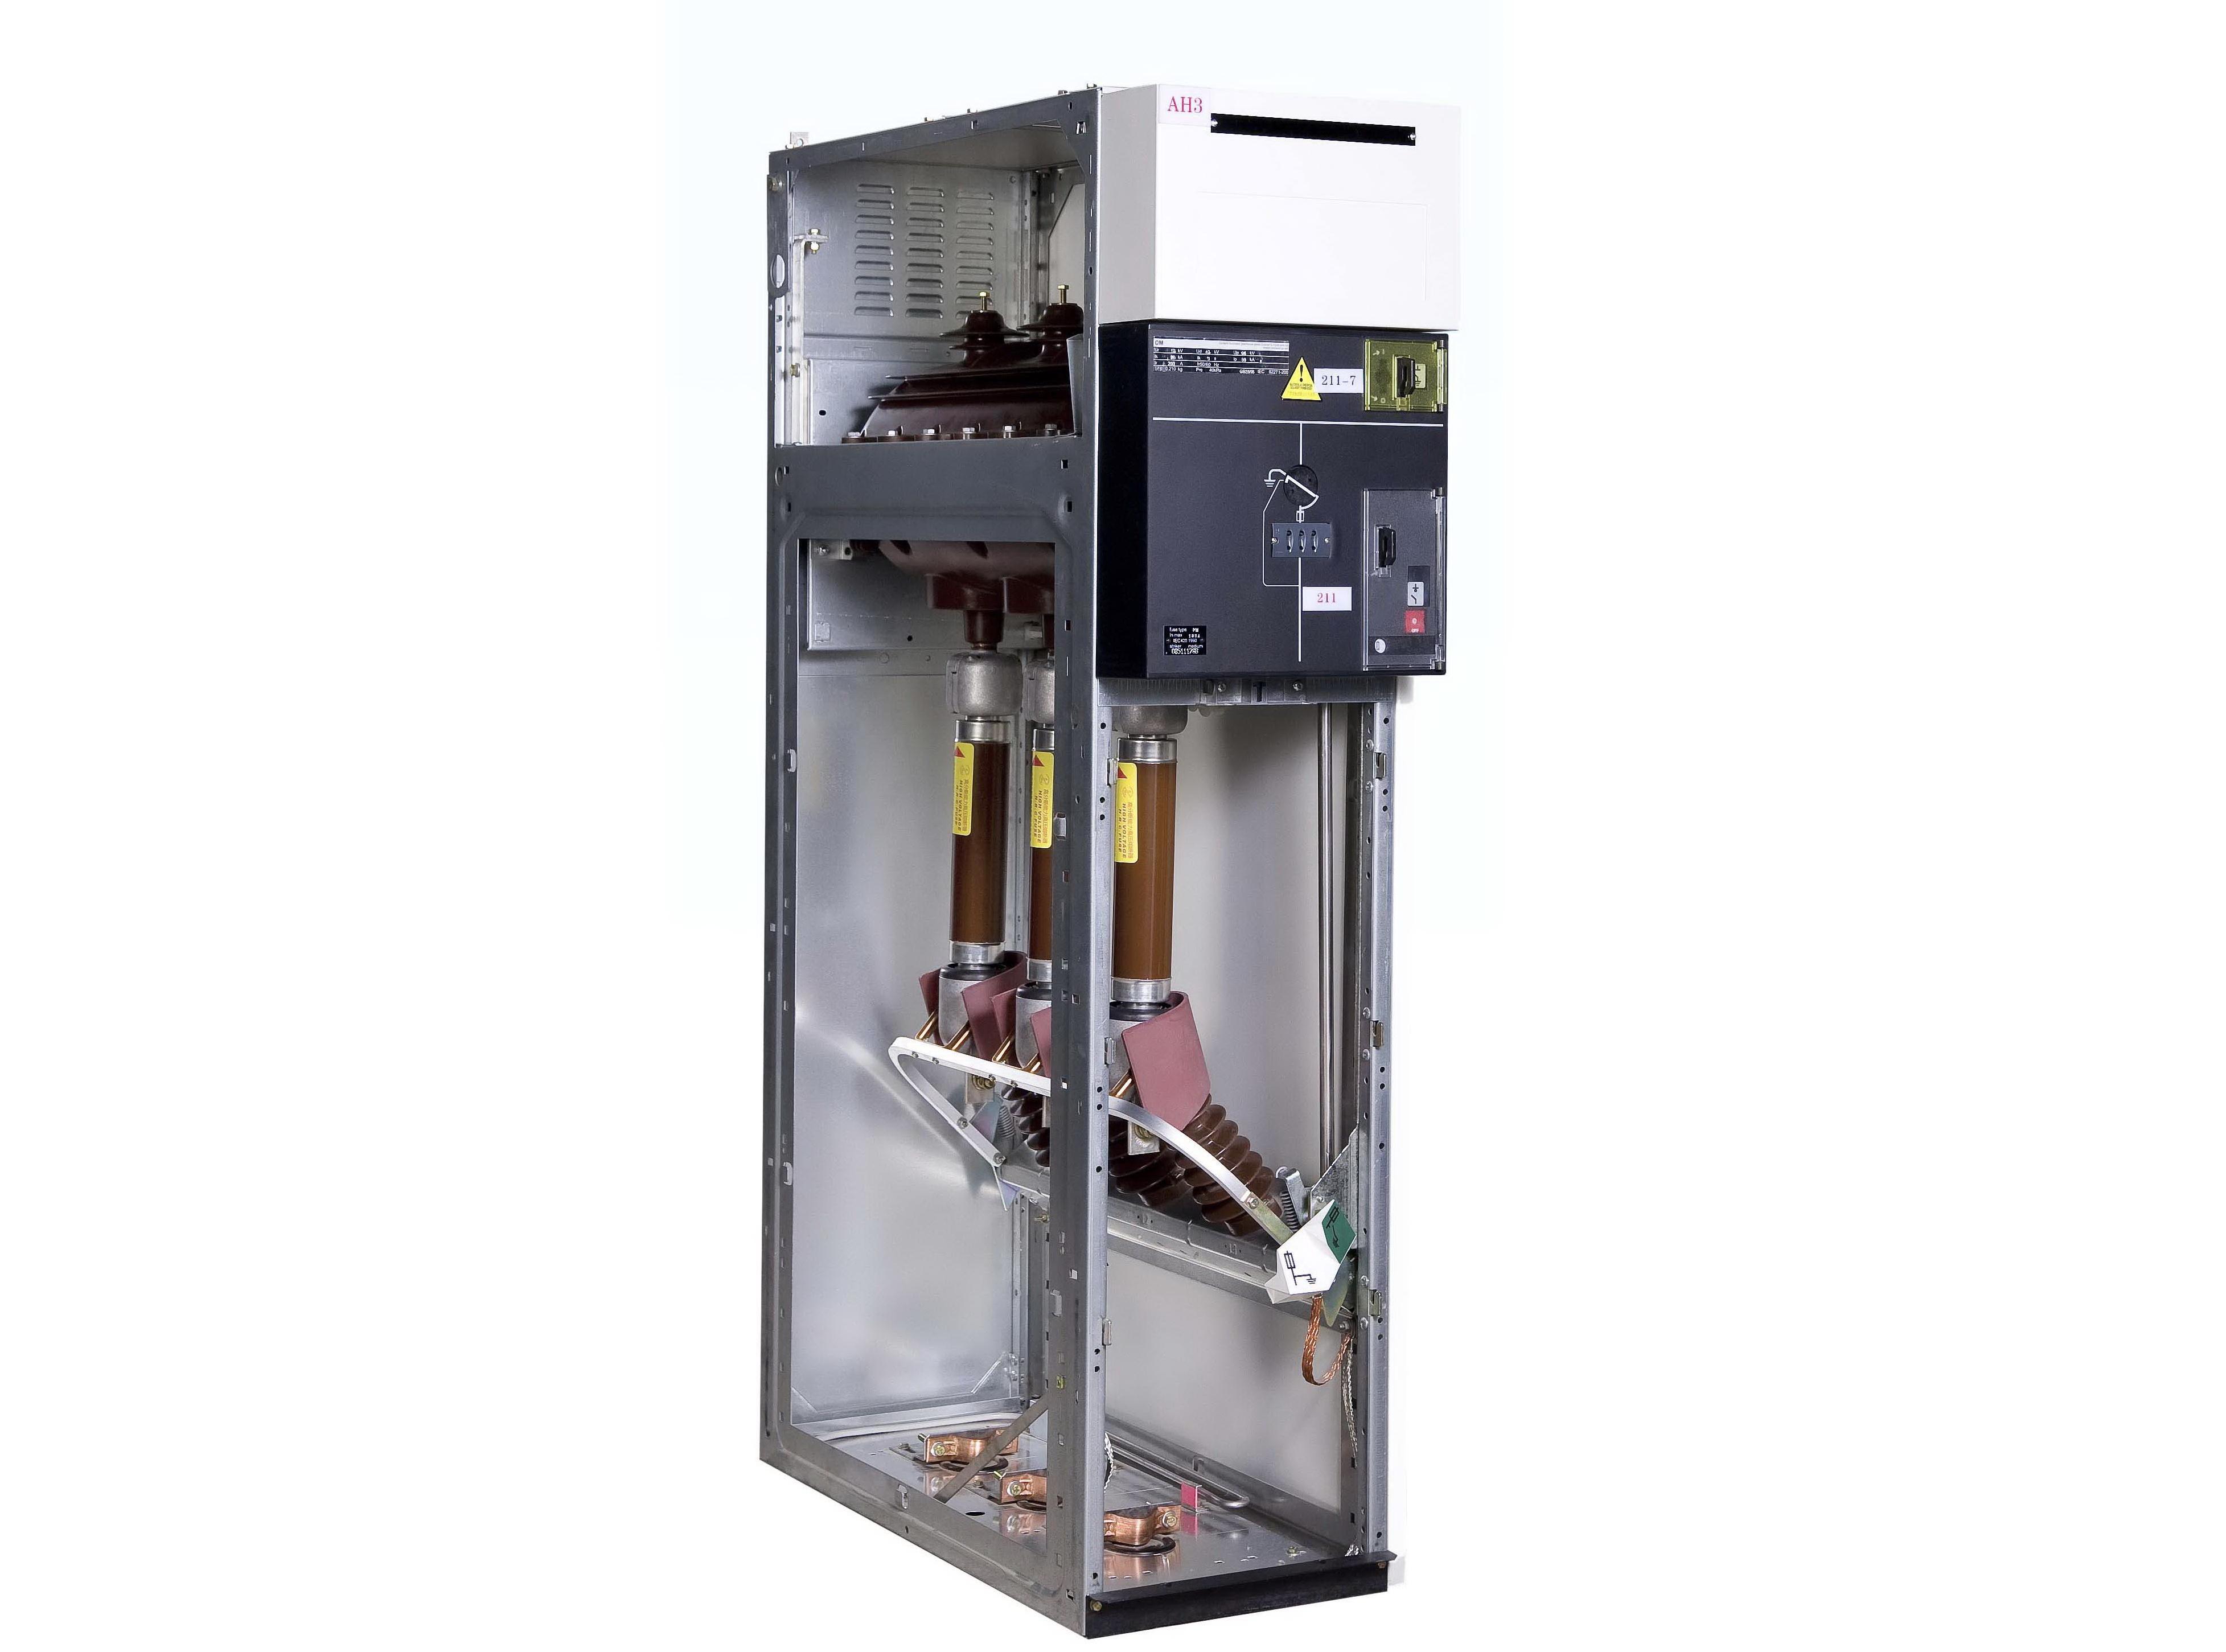 戶內高壓交流真空環網開關設備HXGN-12